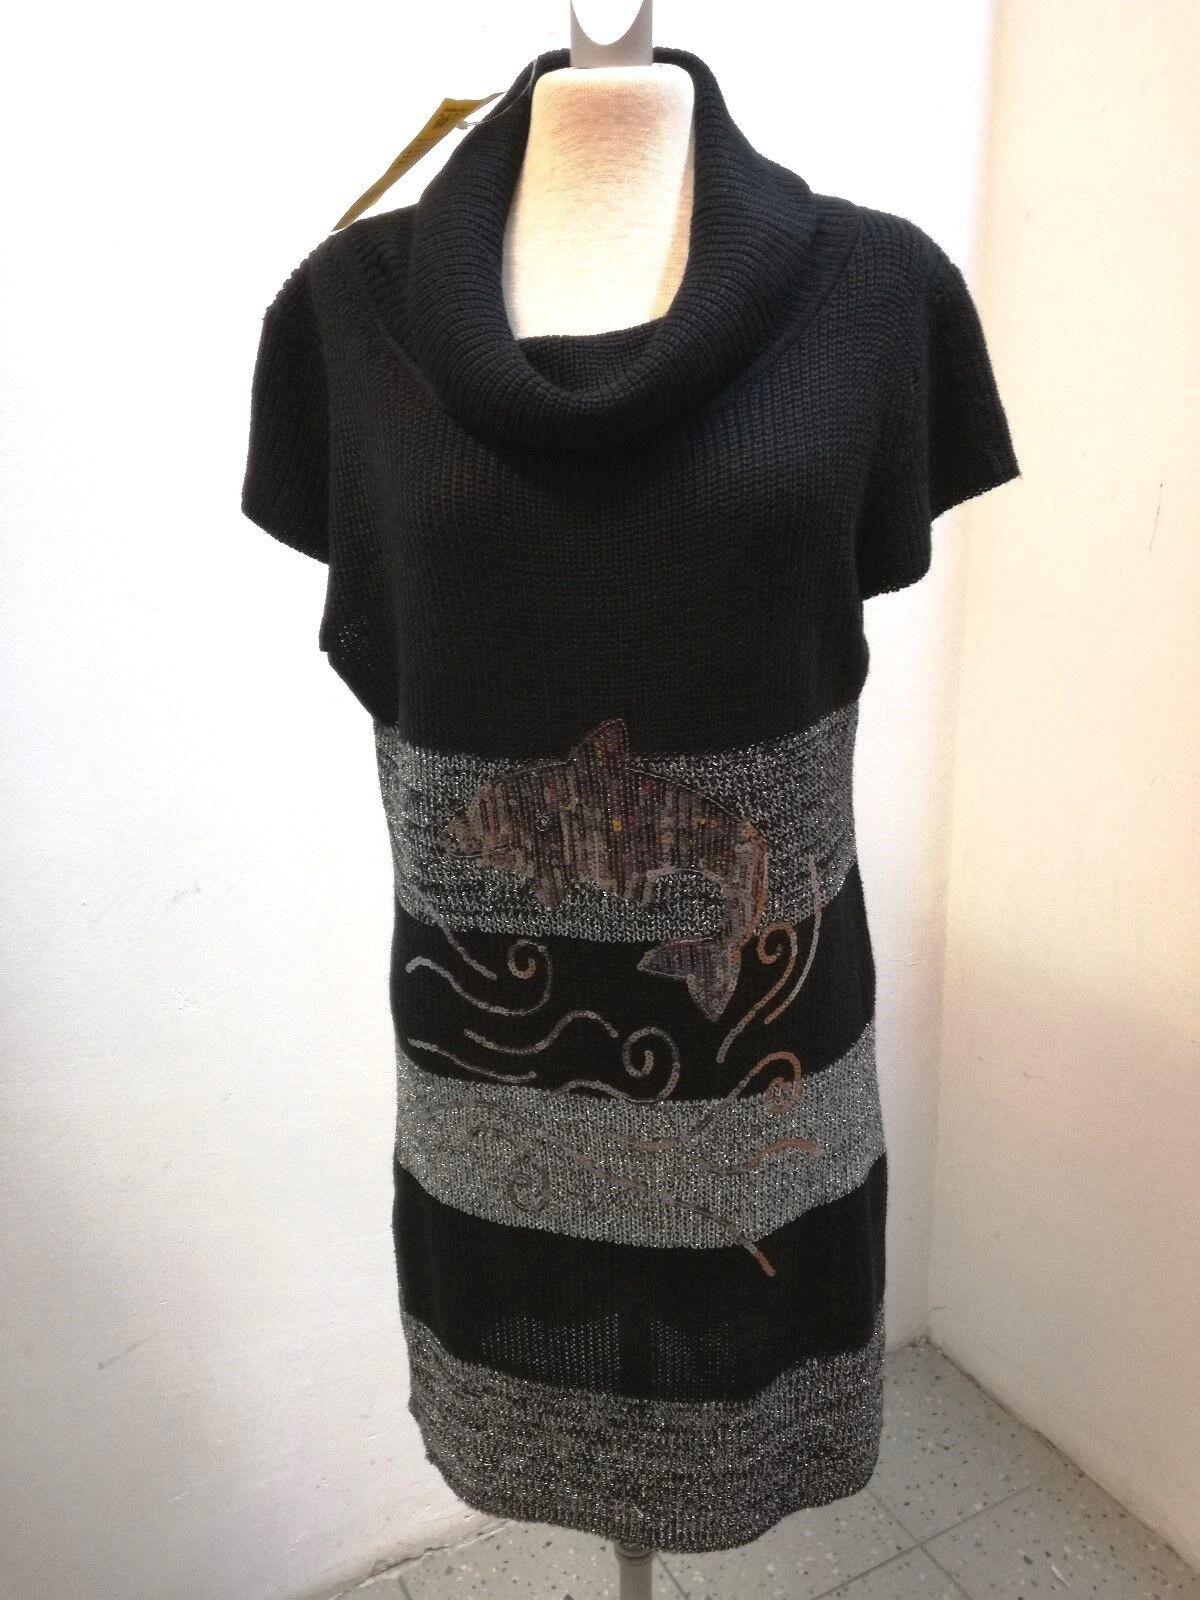 Kleid-Strick lg. Pulli1 8 Arm, weiter Rolli, Streifen  grau mit Lurex,  Delphin